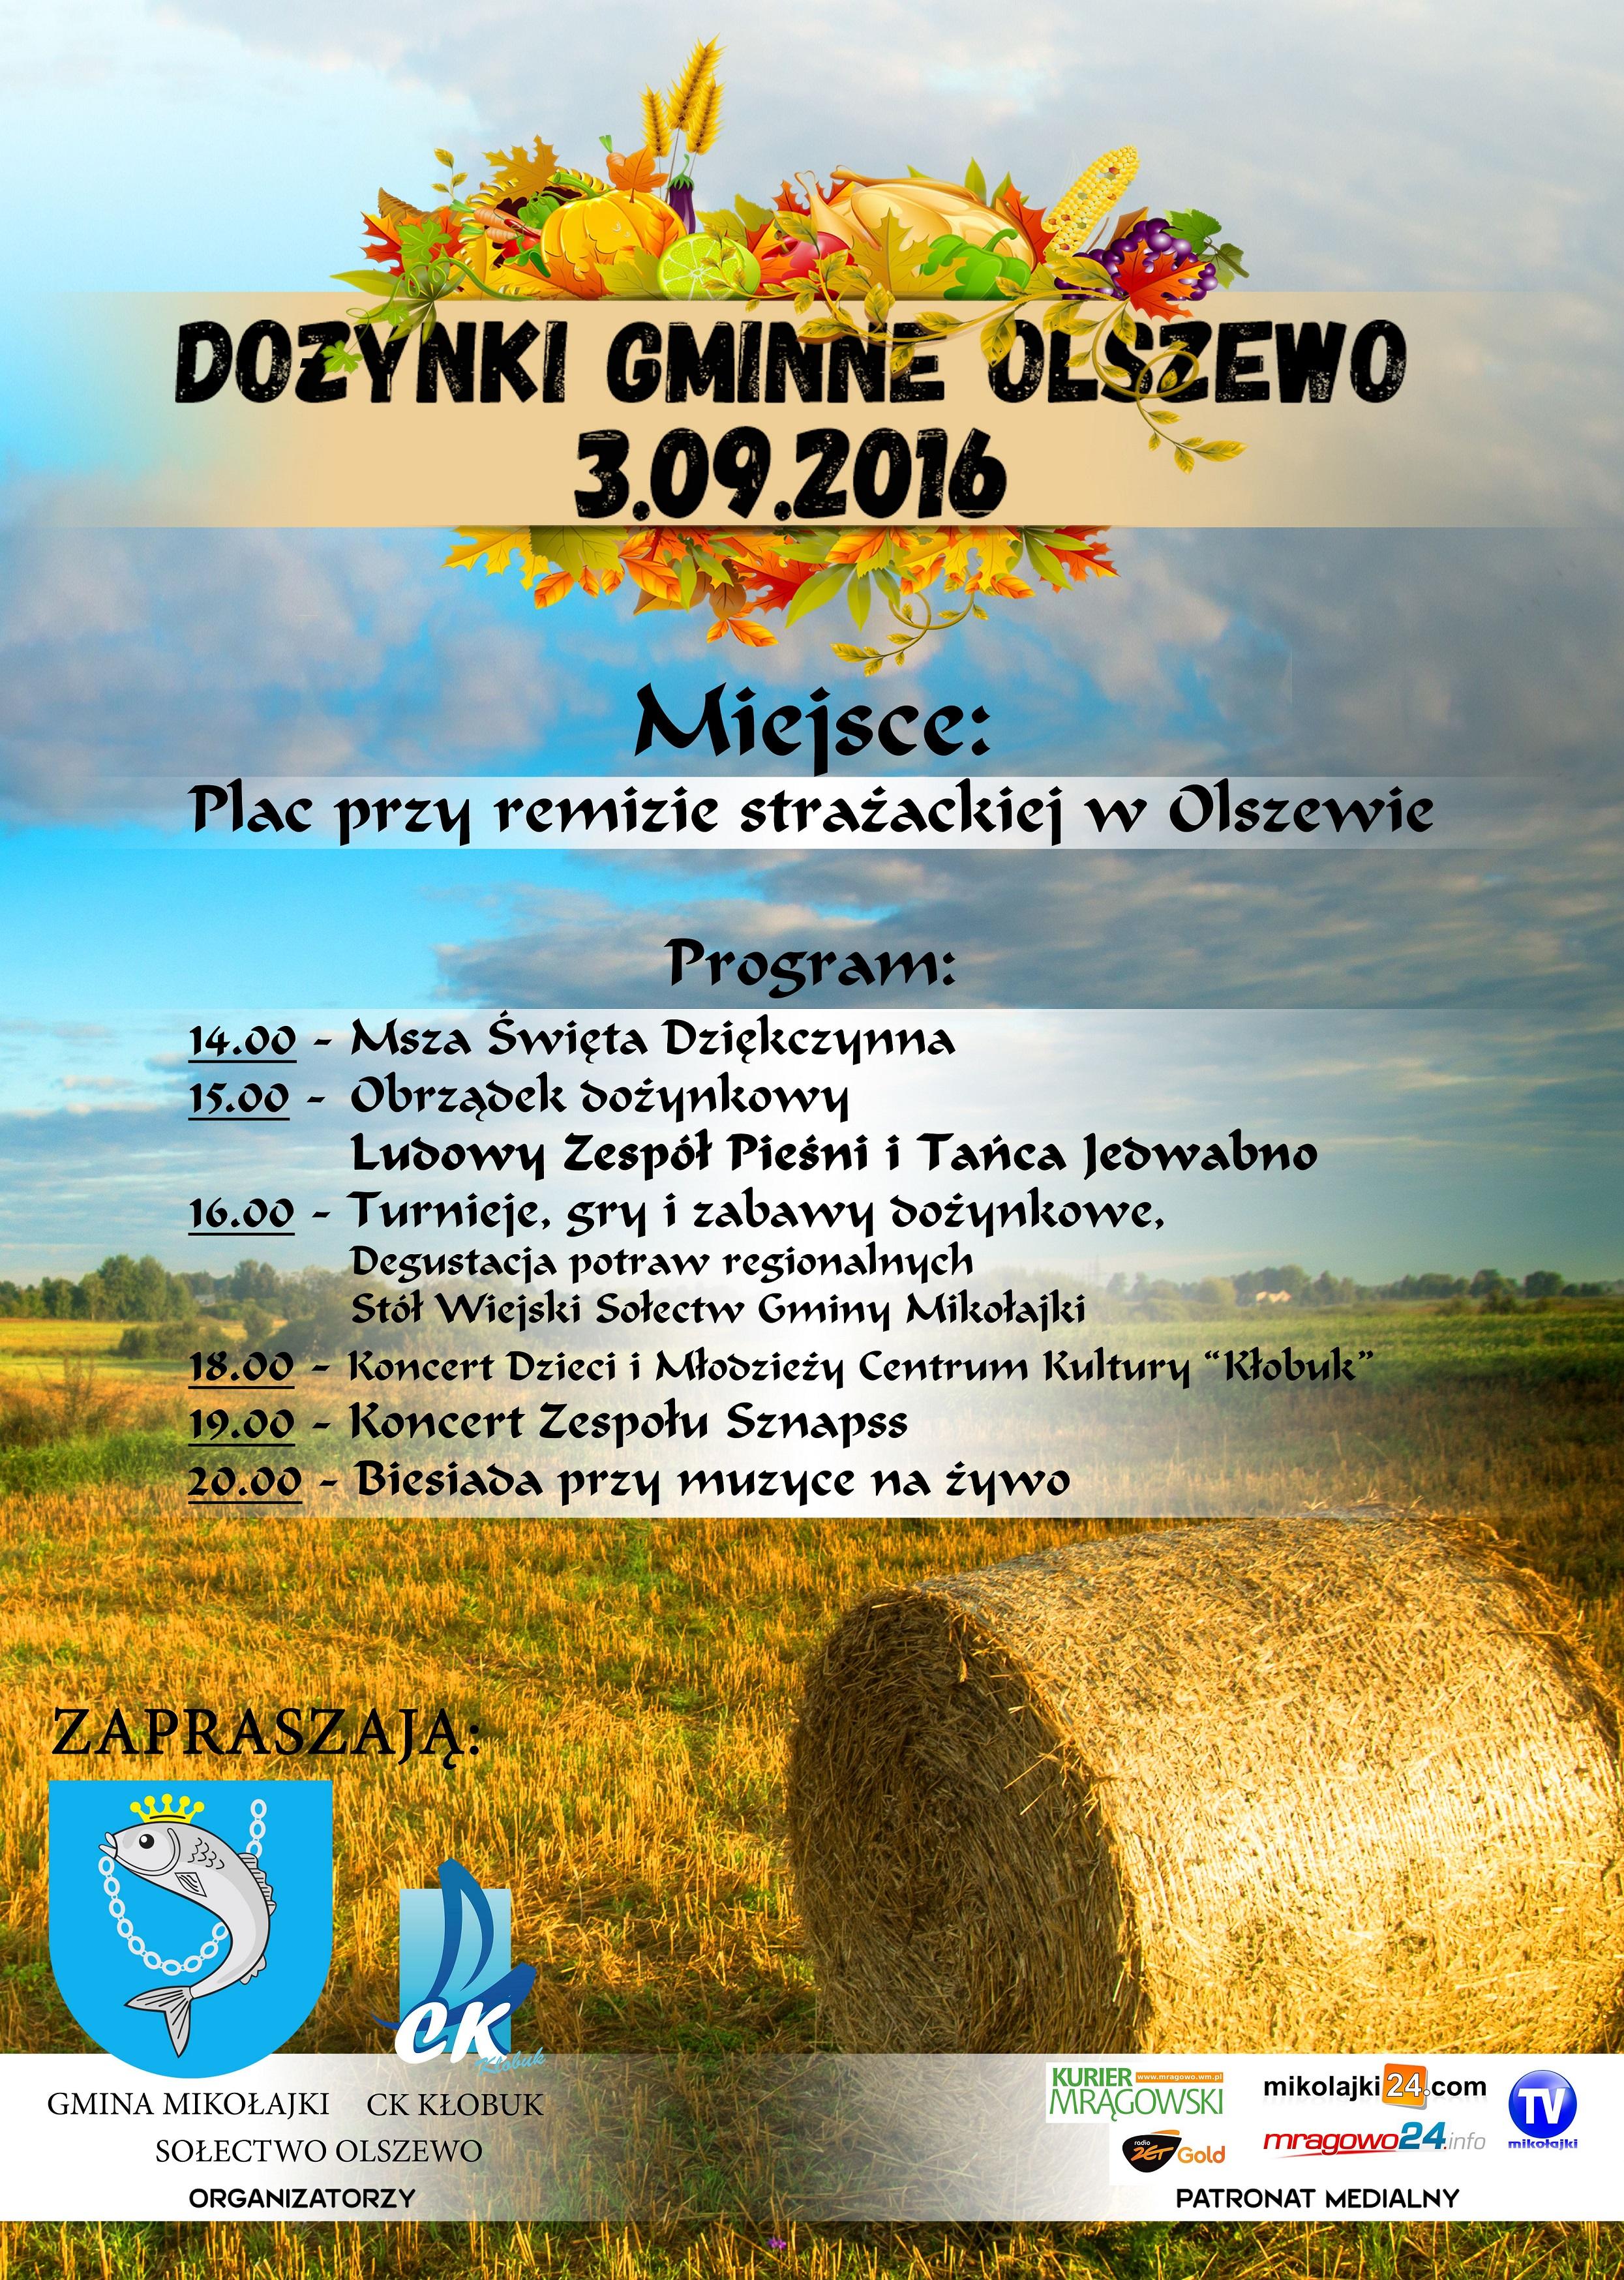 https://m.wm.pl/2016/08/orig/dozynki-plakat-331068.jpg